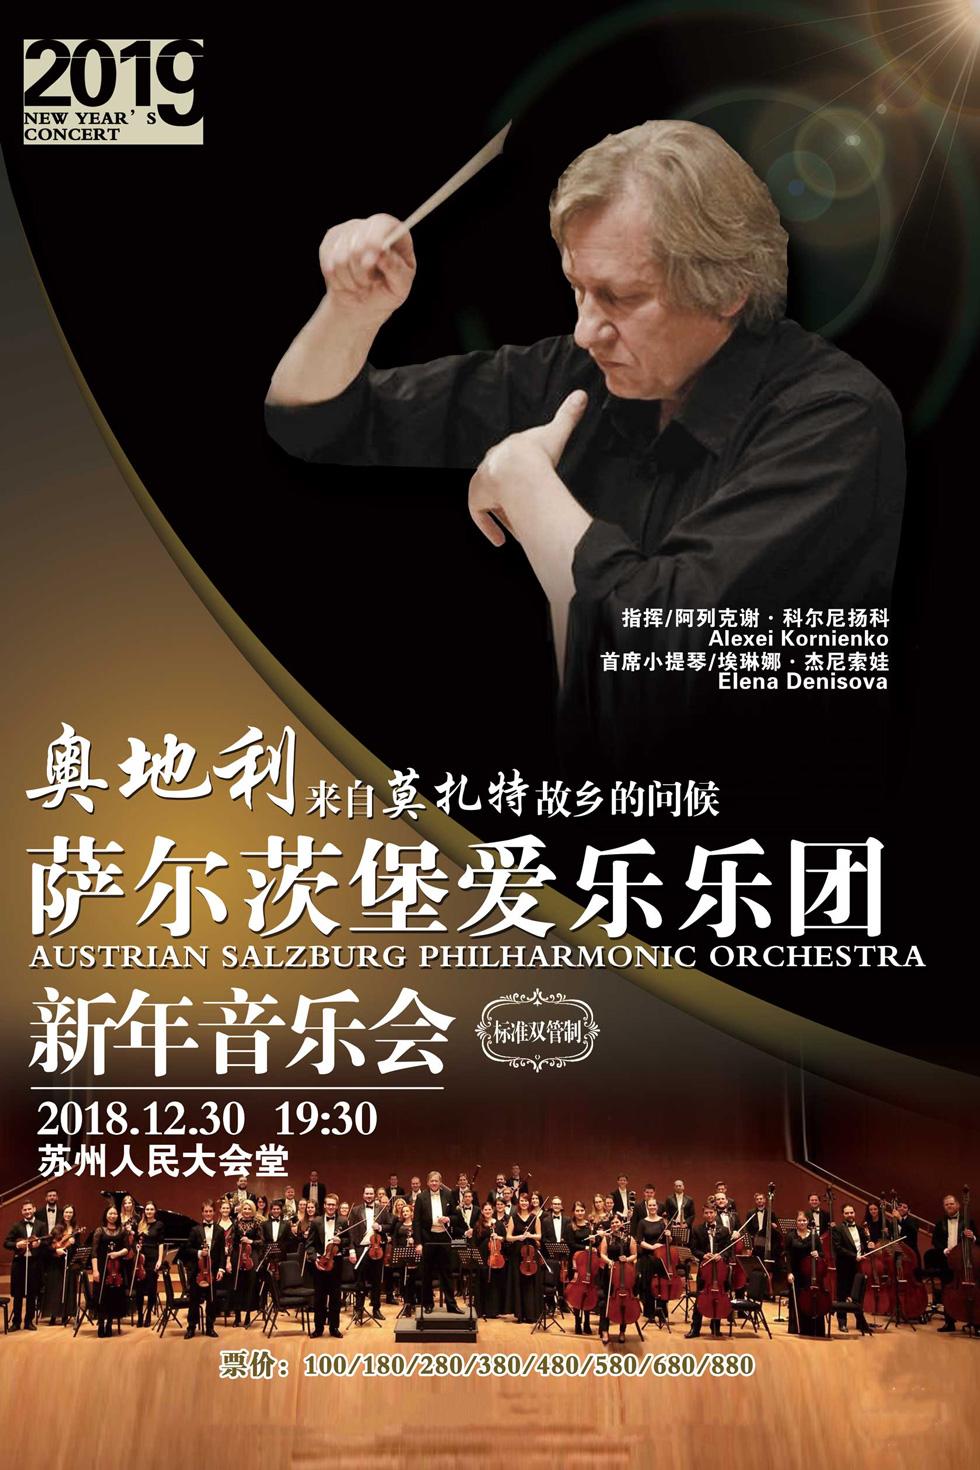 奥地利莫扎特的故乡―萨尔茨堡爱乐乐团新年音乐会苏州站